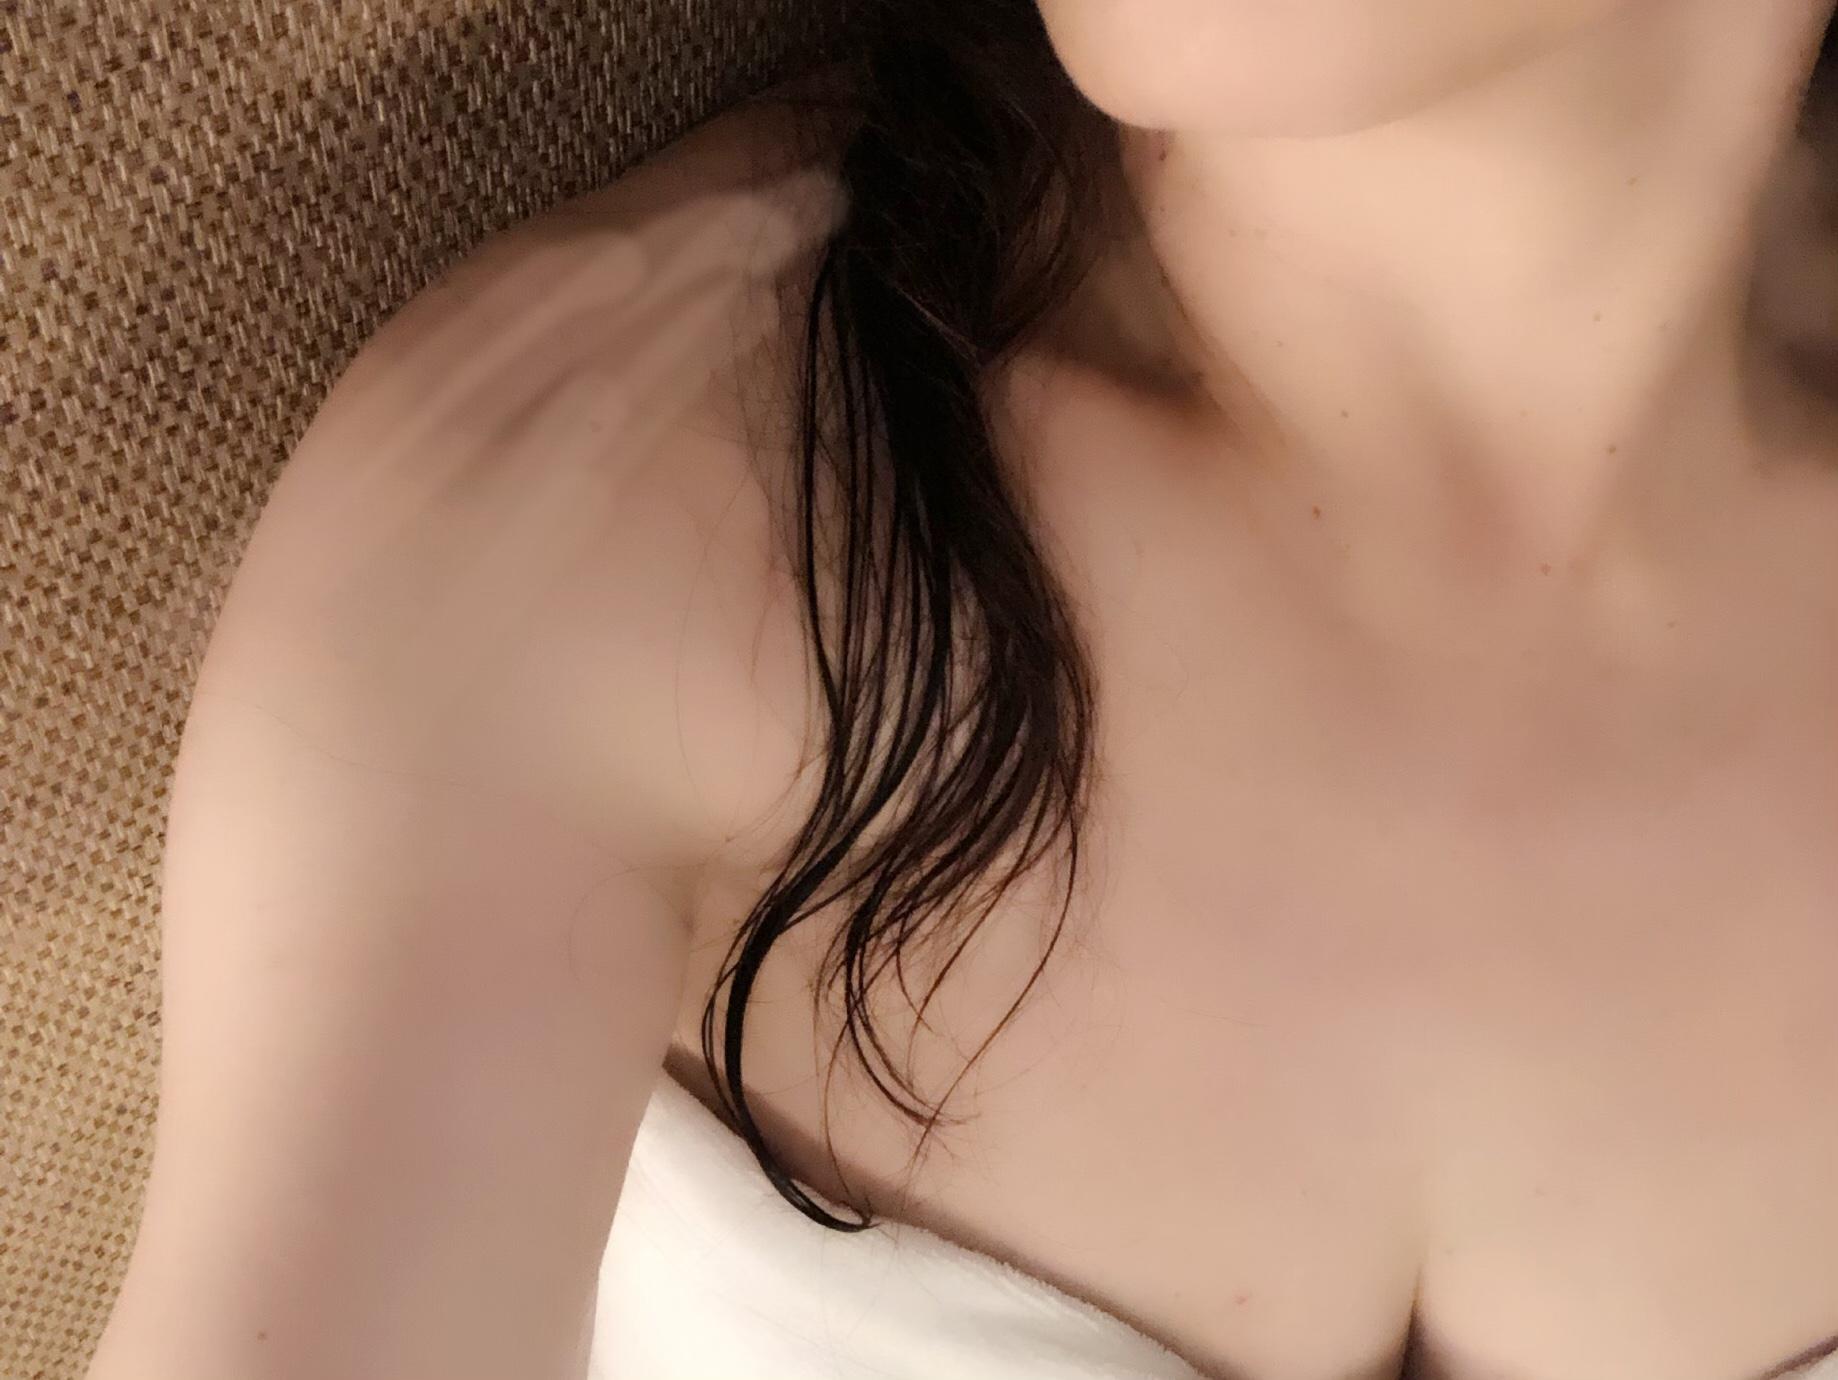 人妻さん日誌:今、お風呂のリフォー